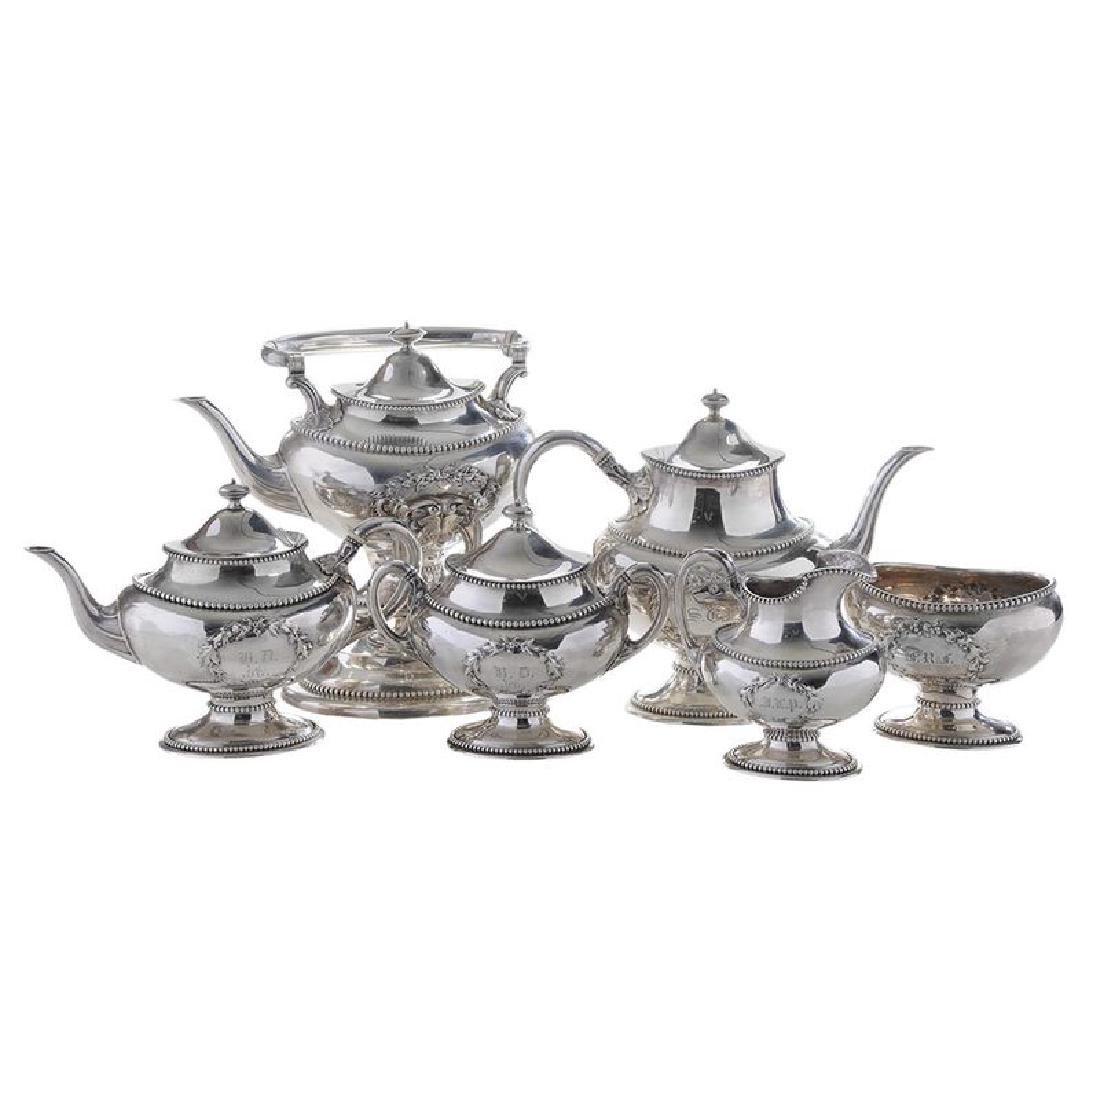 Six Piece Silver Tea Service